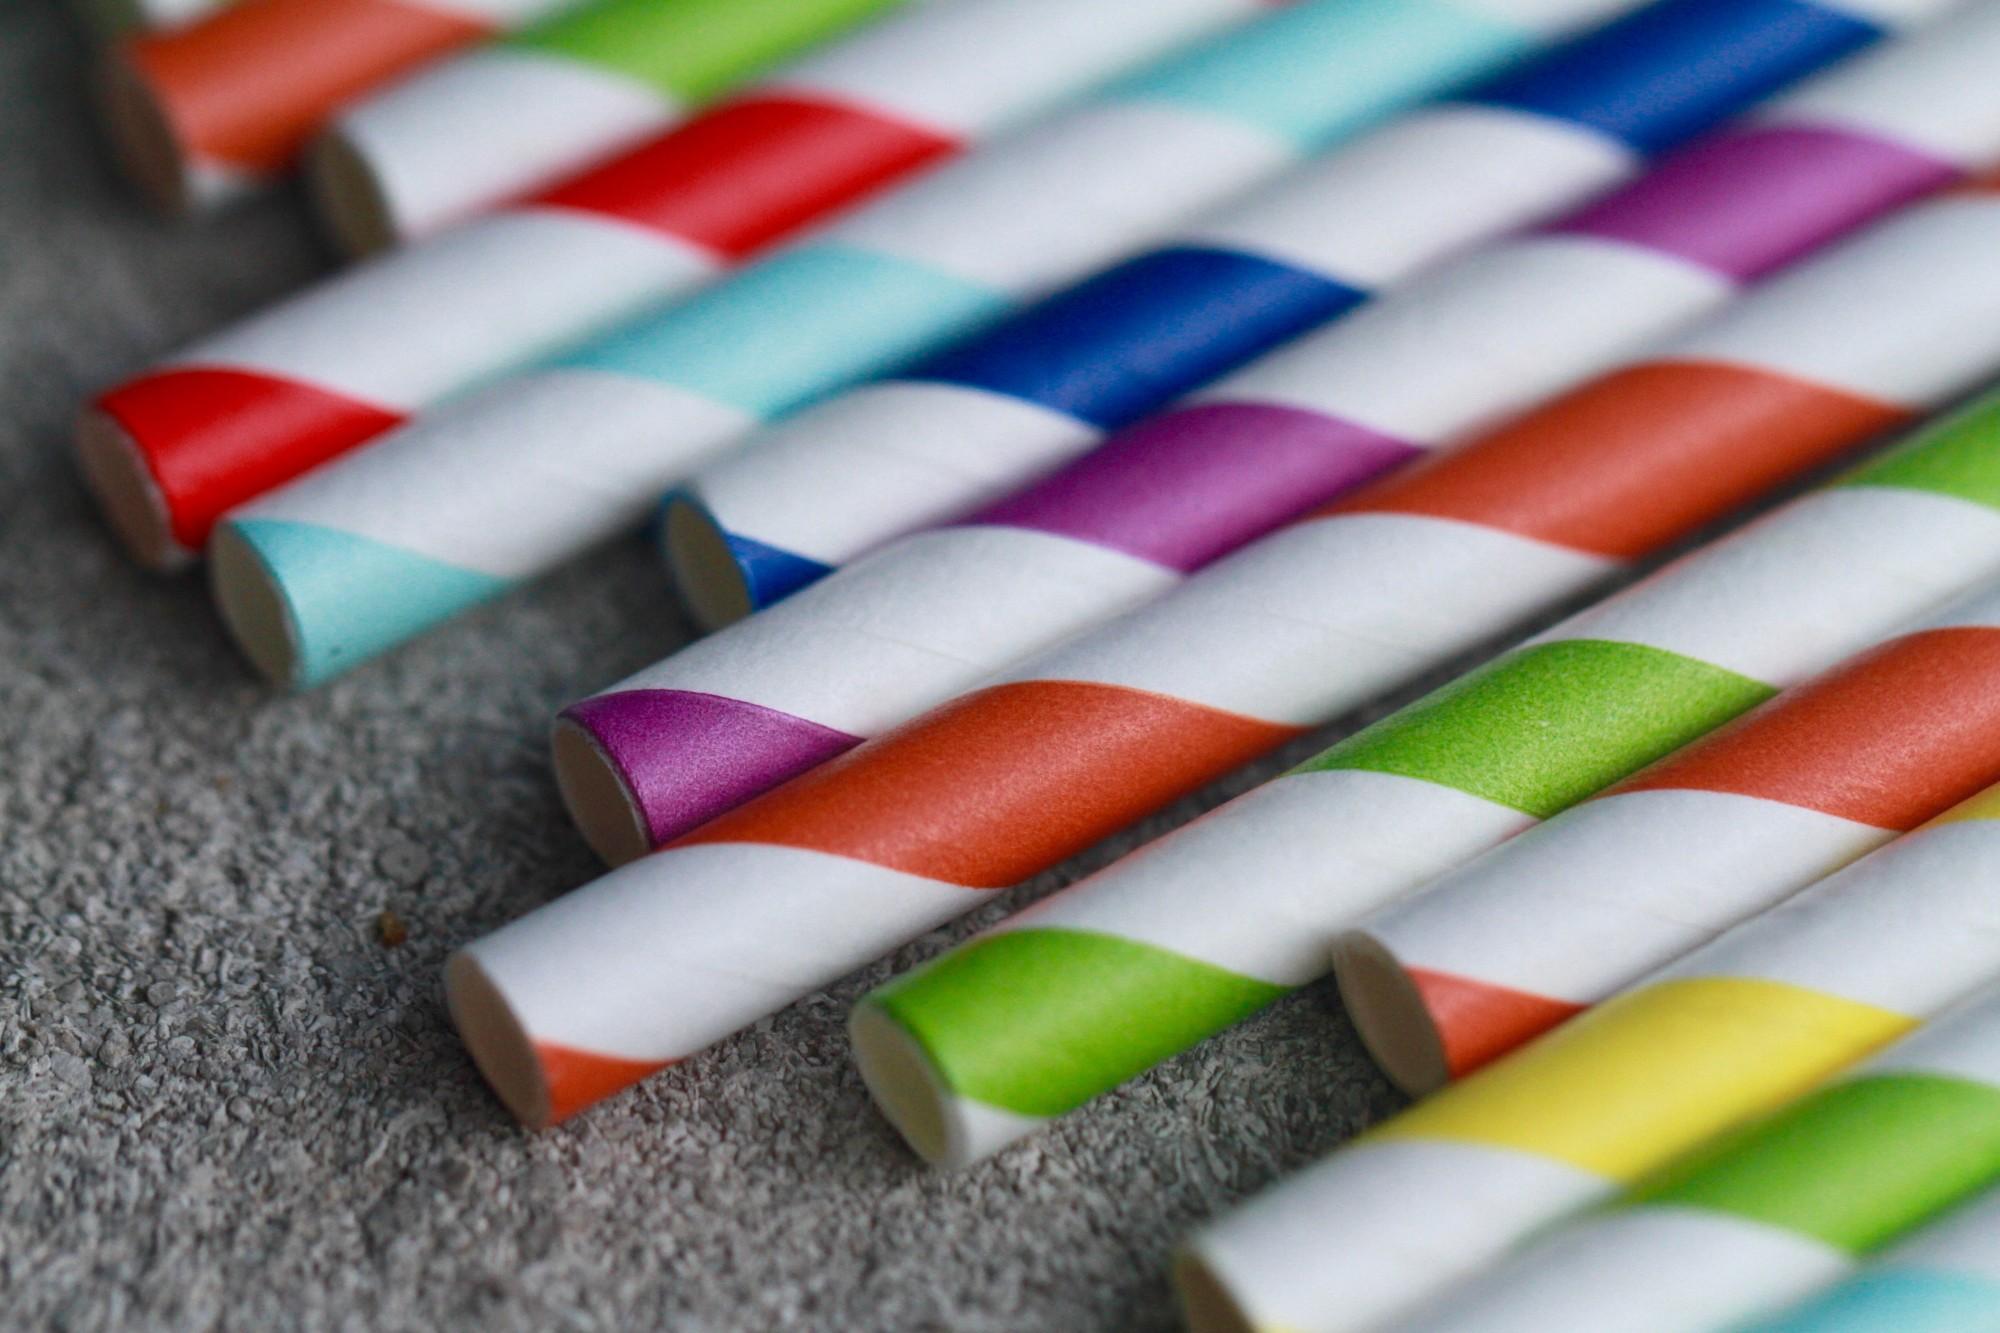 straws in bulk